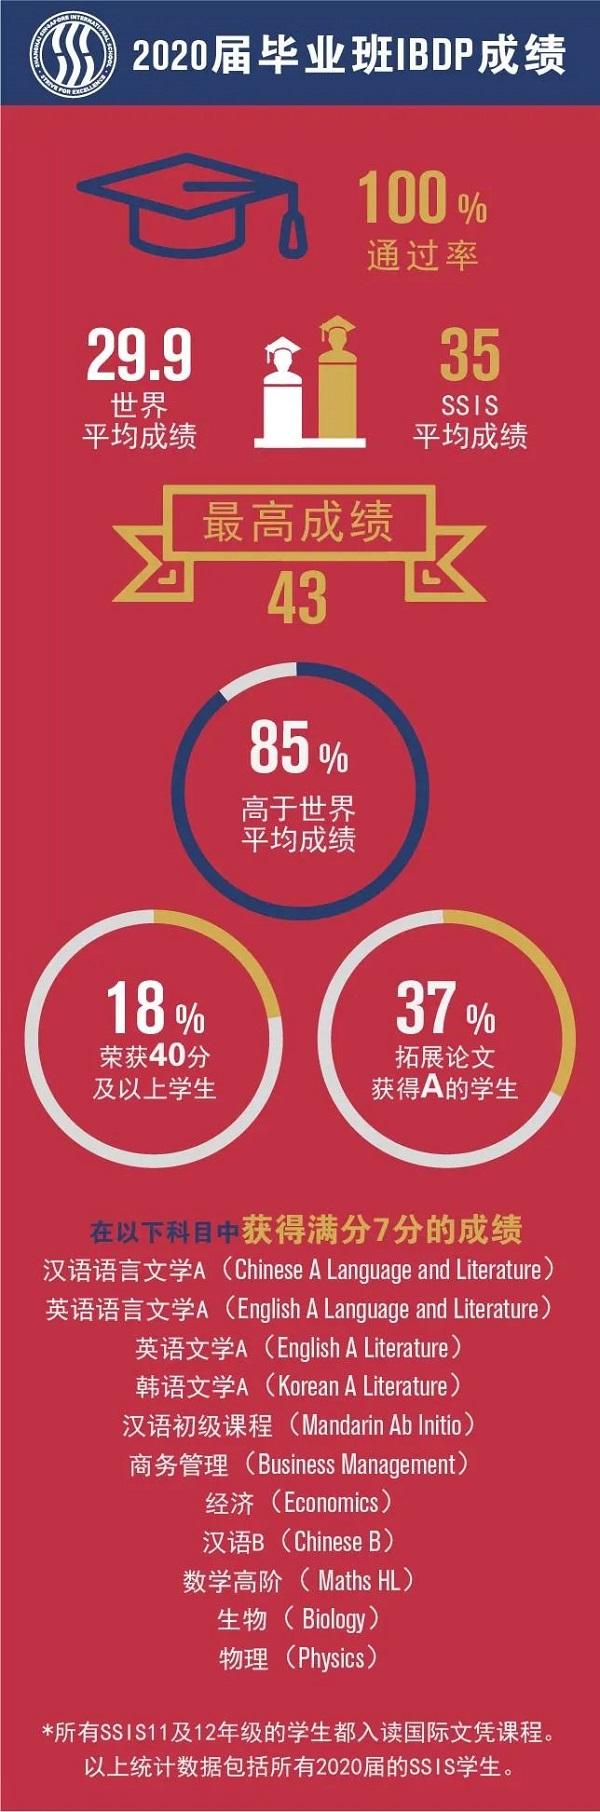 上海新加坡外籍人员子女学校2020年IBDP成绩出炉